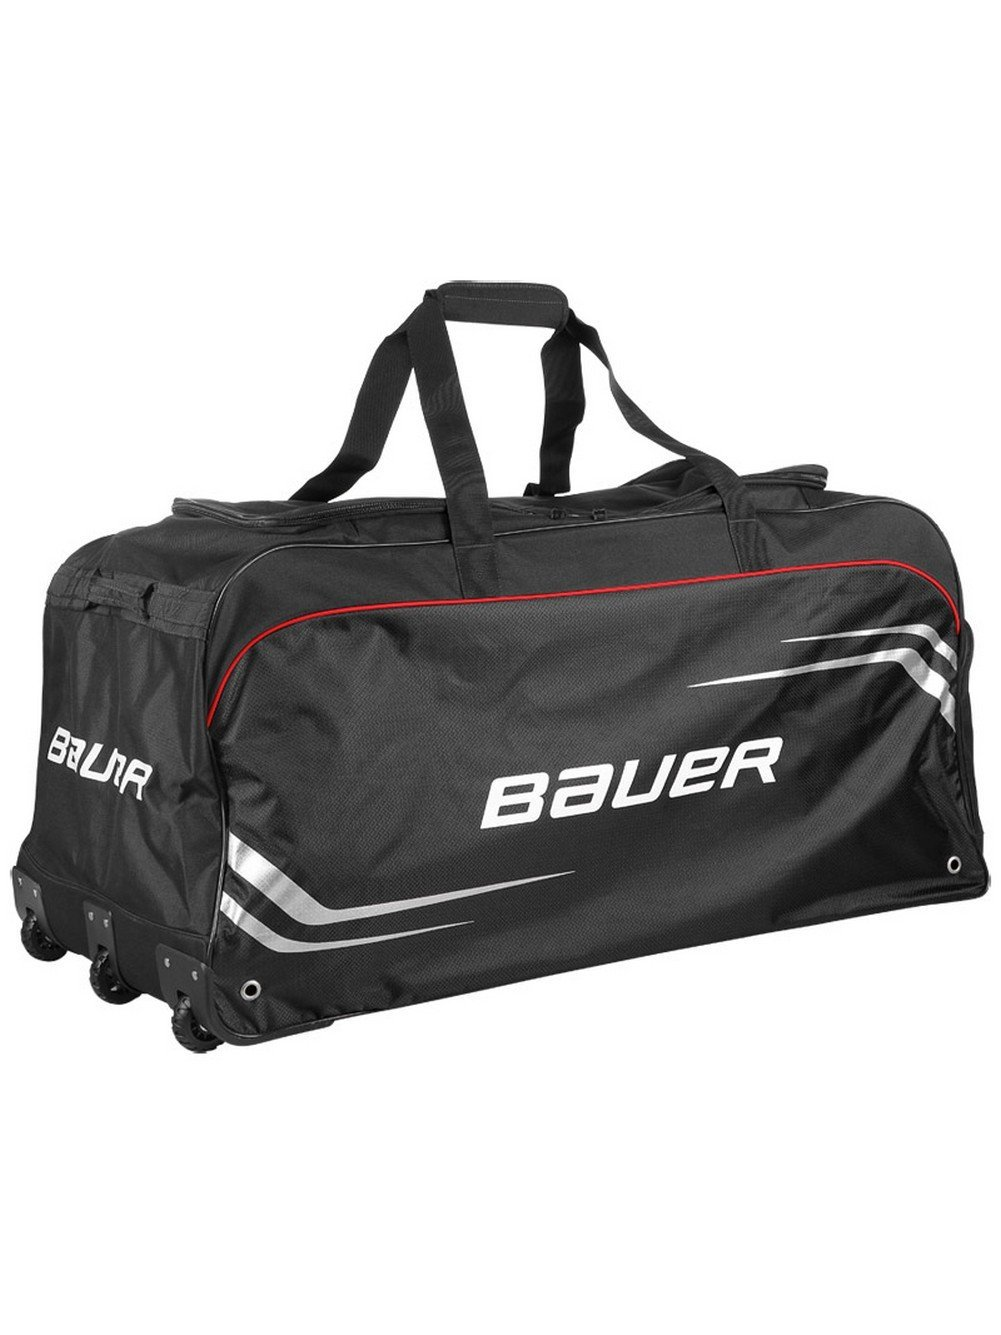 Cheap New Bauer Goalie Pads, find New Bauer Goalie Pads deals on